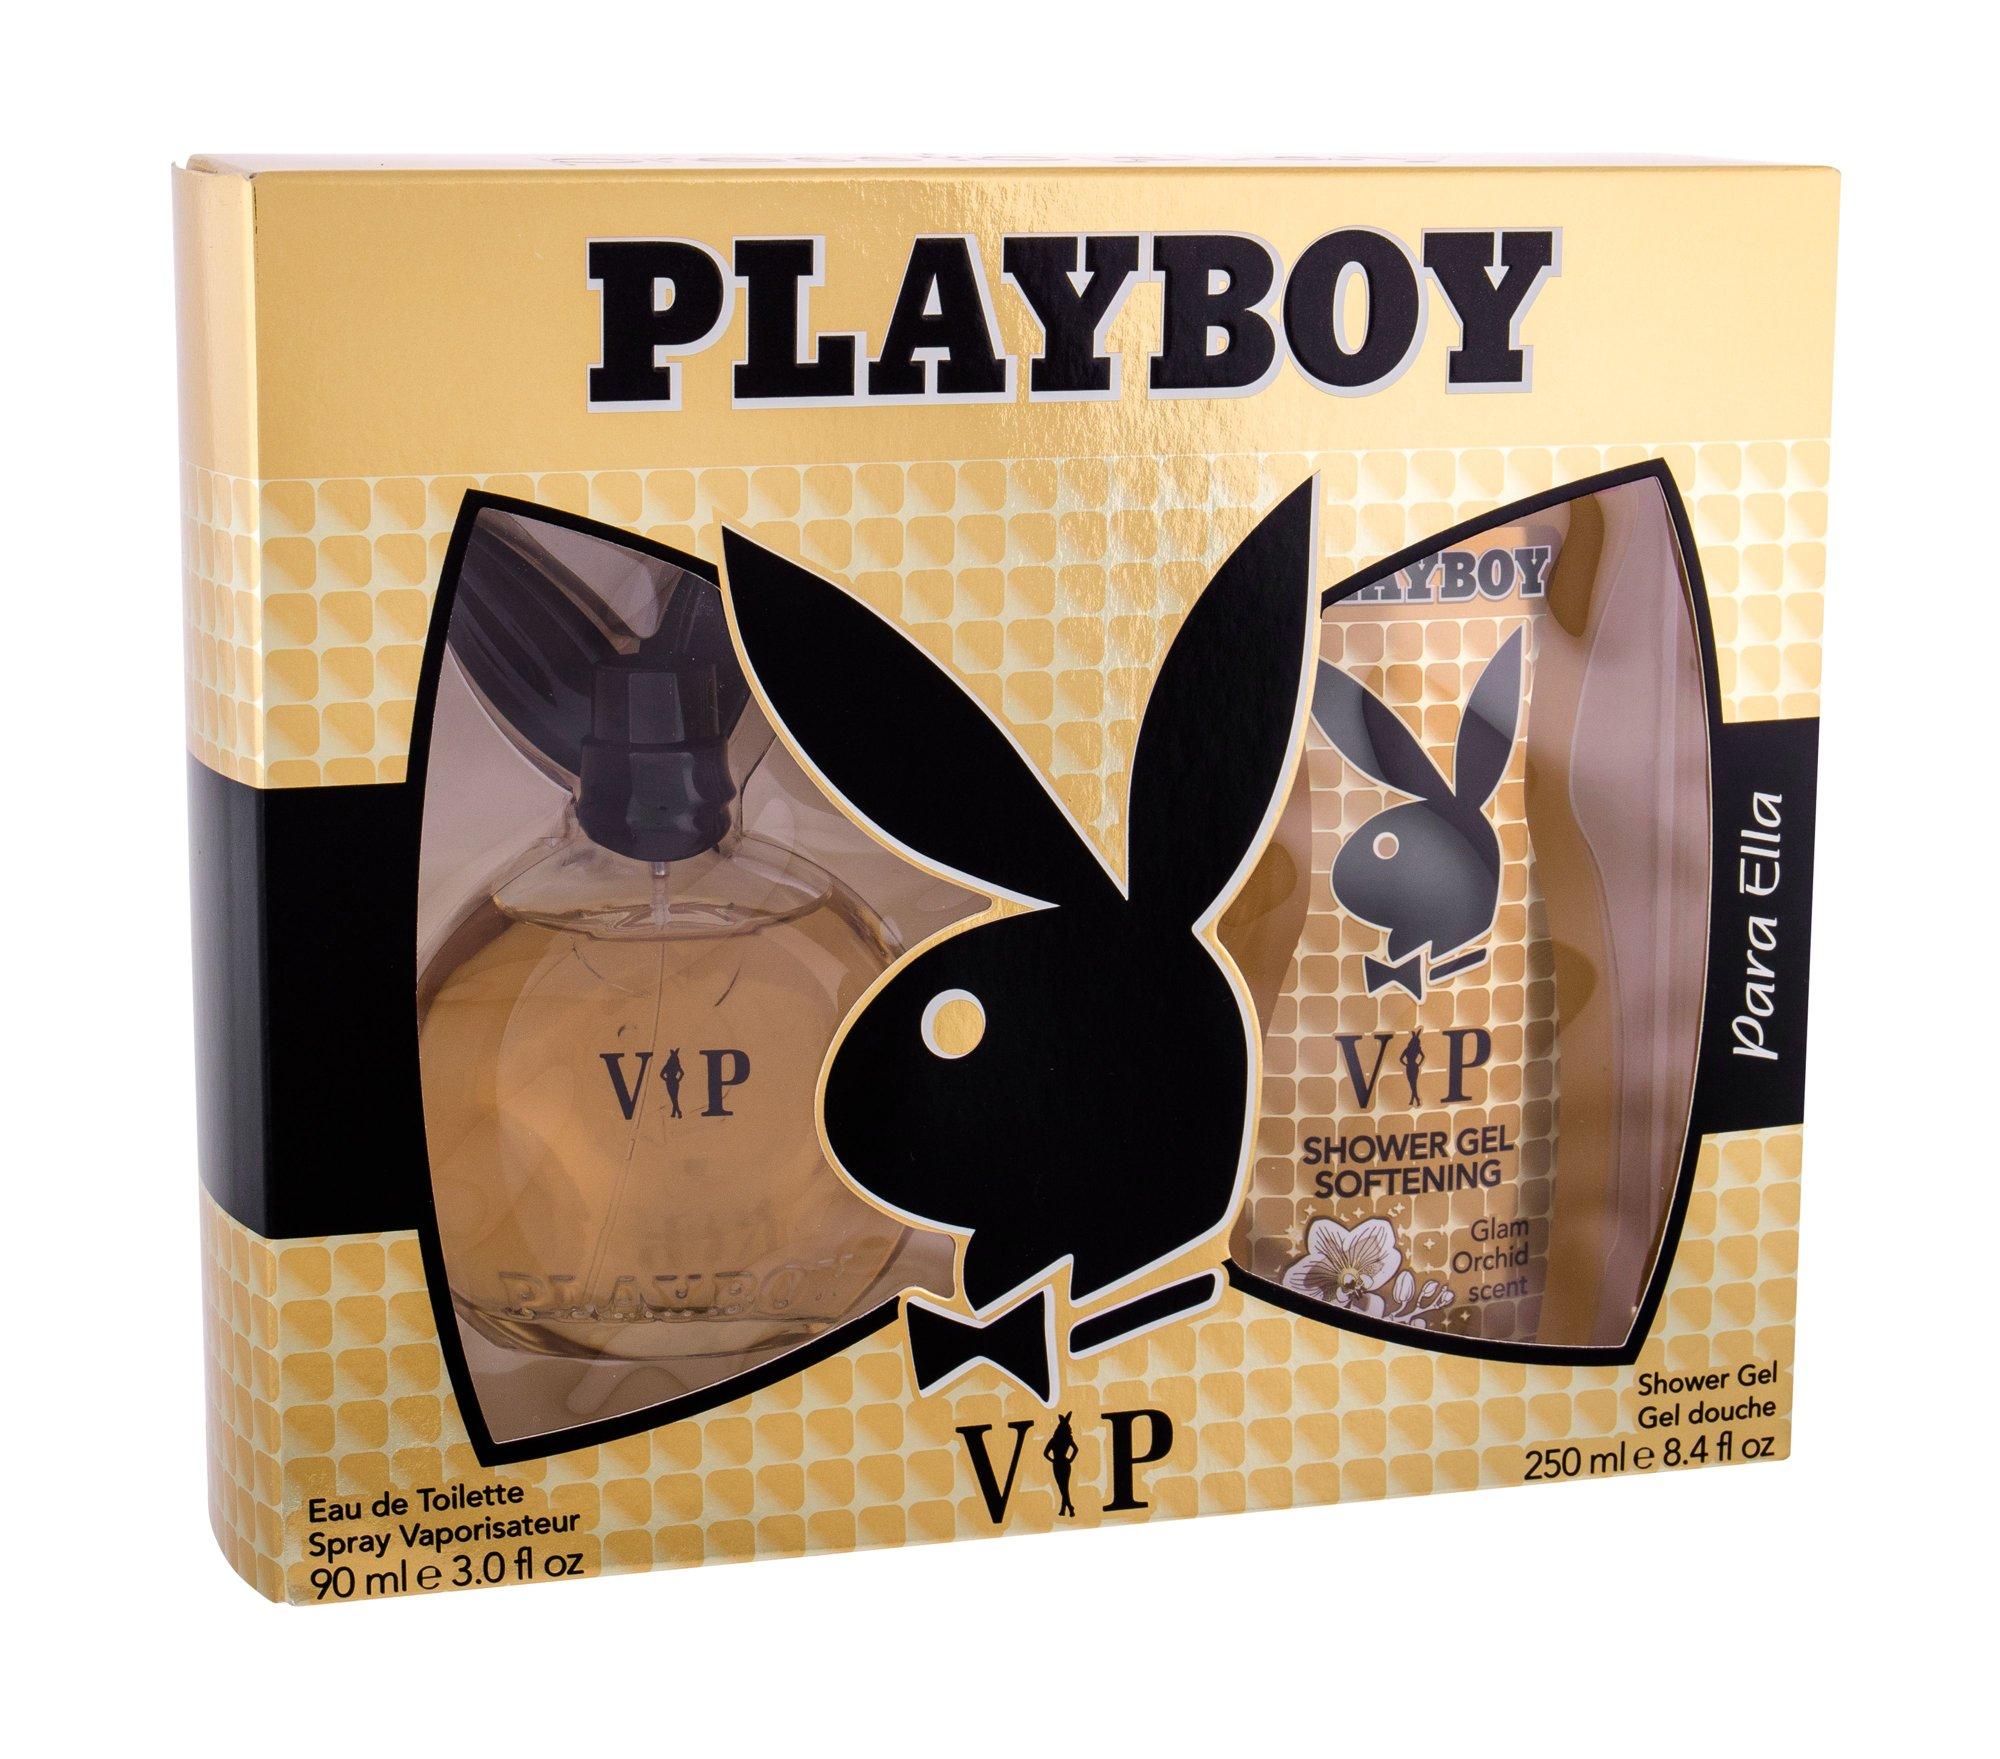 Playboy VIP For Her Eau de Toilette 90ml